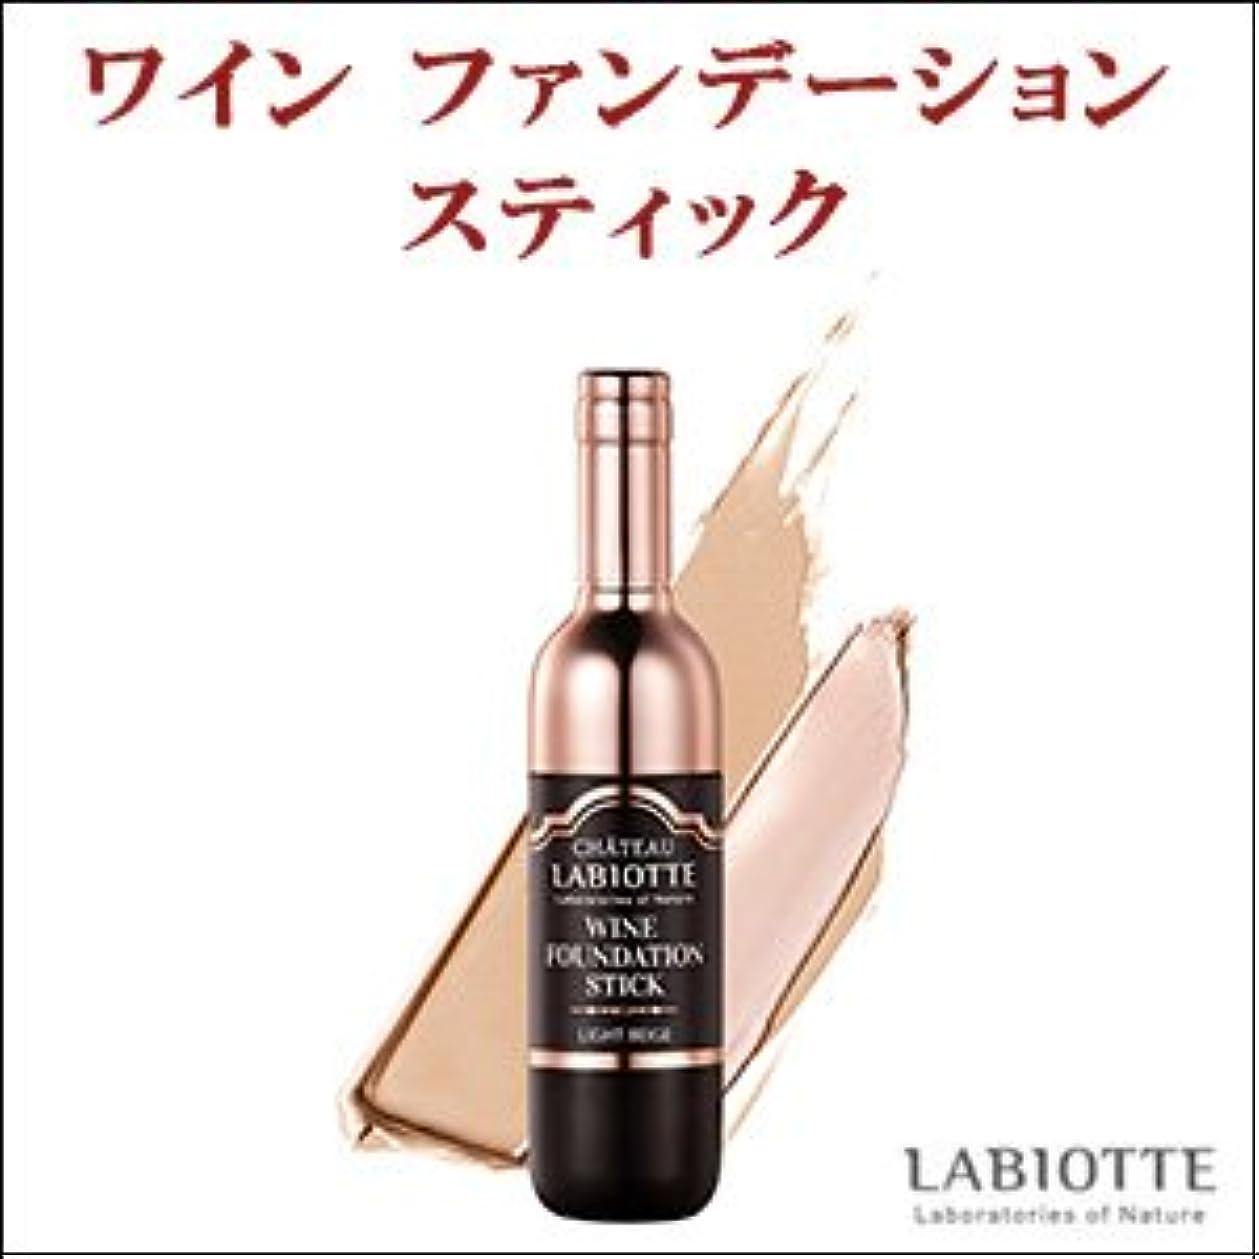 修羅場革命的一時解雇するLABIOTTE シャトー ラビオッテ ワイン ファンデーション スティック カラー:P21 ピンクベージュ